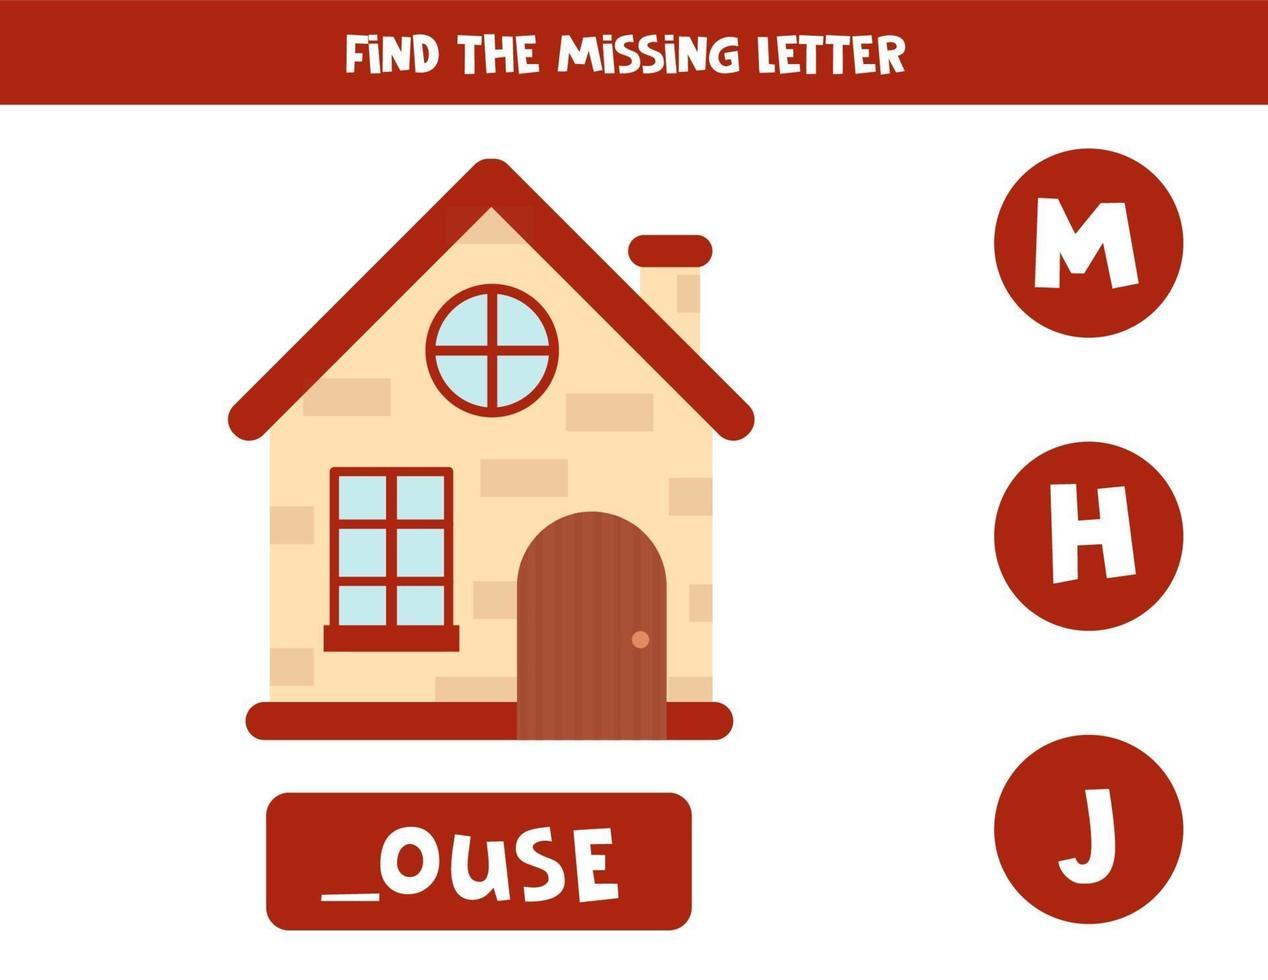 hitta saknat brev och skriv ner det. söt tecknad hus. vektor